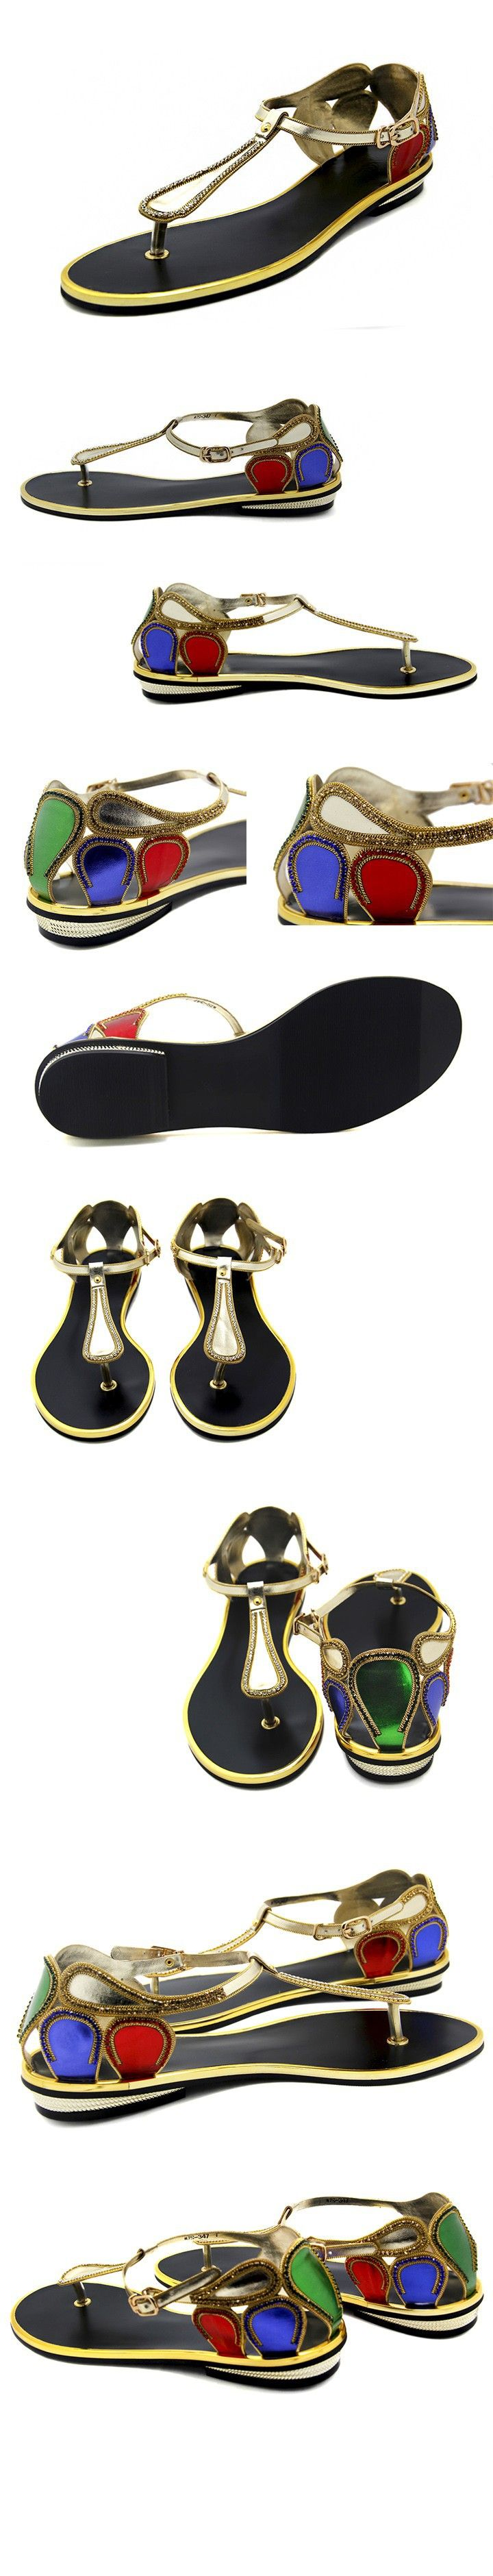 Diseñadores de la marca chanclas mujeres Casual sandalias de diamantes de imitación 2015 colores mezclados estilo zapatos de mujer de verano Flip zapatillas planas en Sandalias de las mujeres de Calzado en AliExpress.com | Alibaba Group